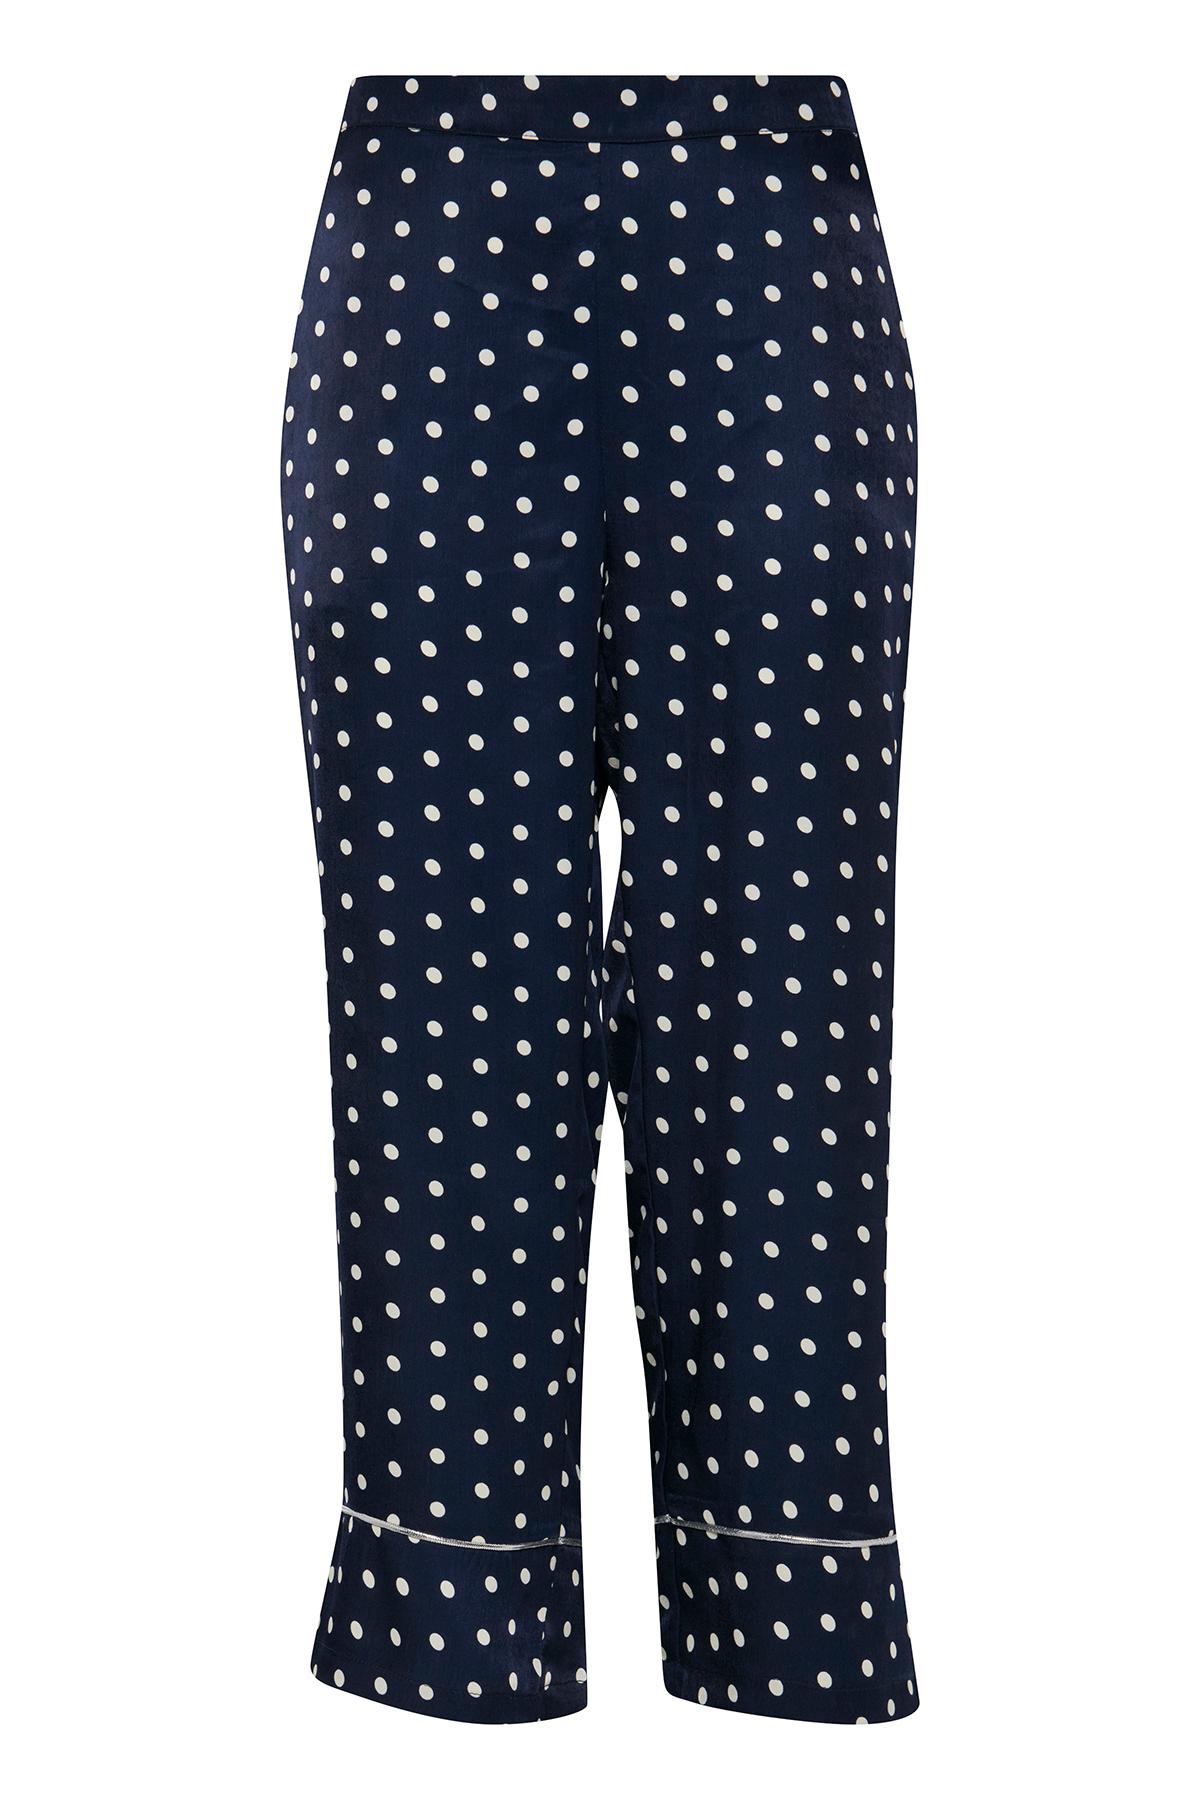 Image of   Pulz Jeans Dame Culotte bukser - Marineblå/hvid